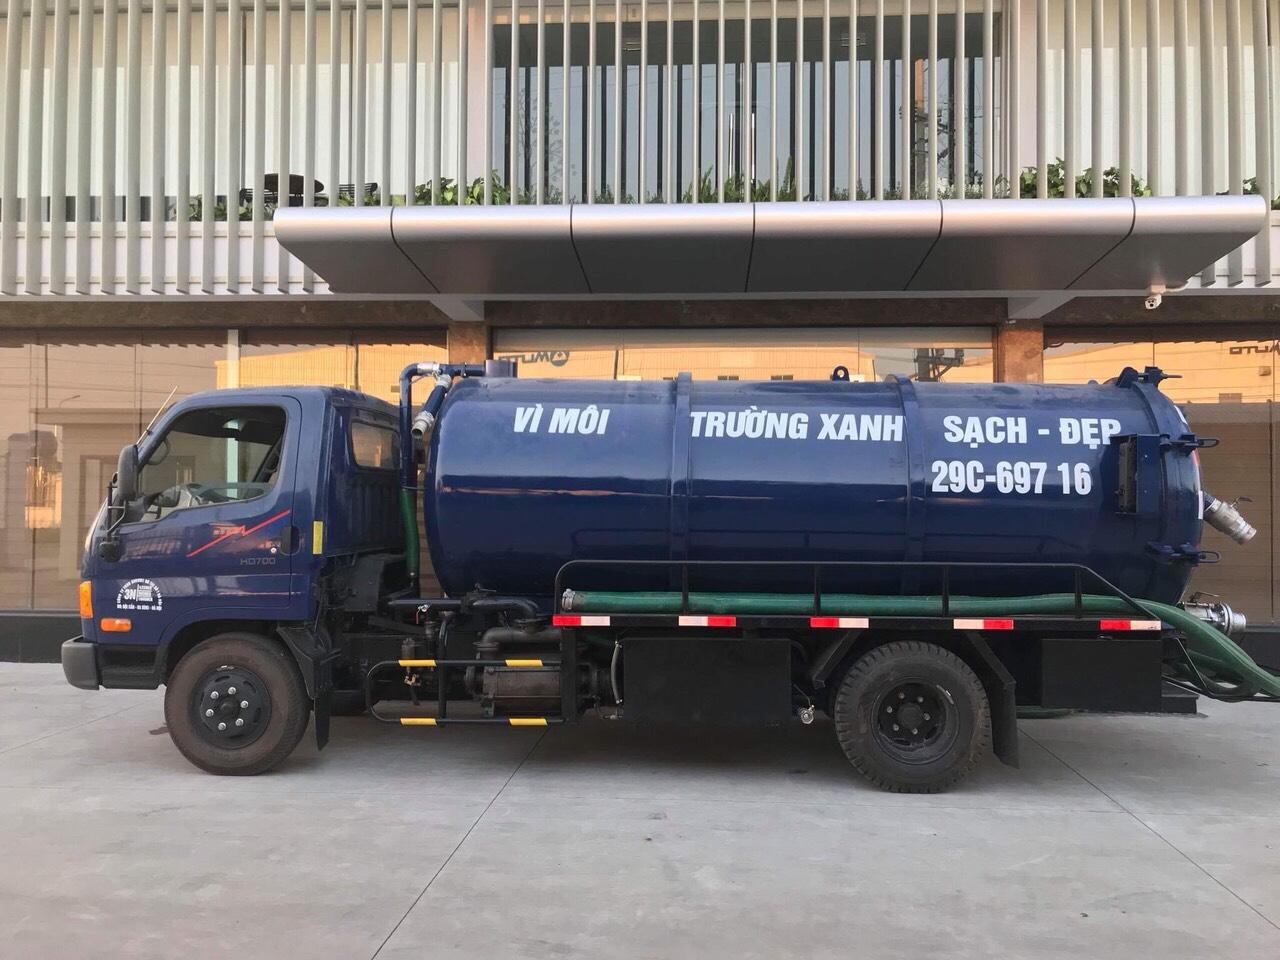 Hút bể phốt tại Trung Hòa giá rẻ, sạch 100% - Cam kết có mặt sau 15 phút